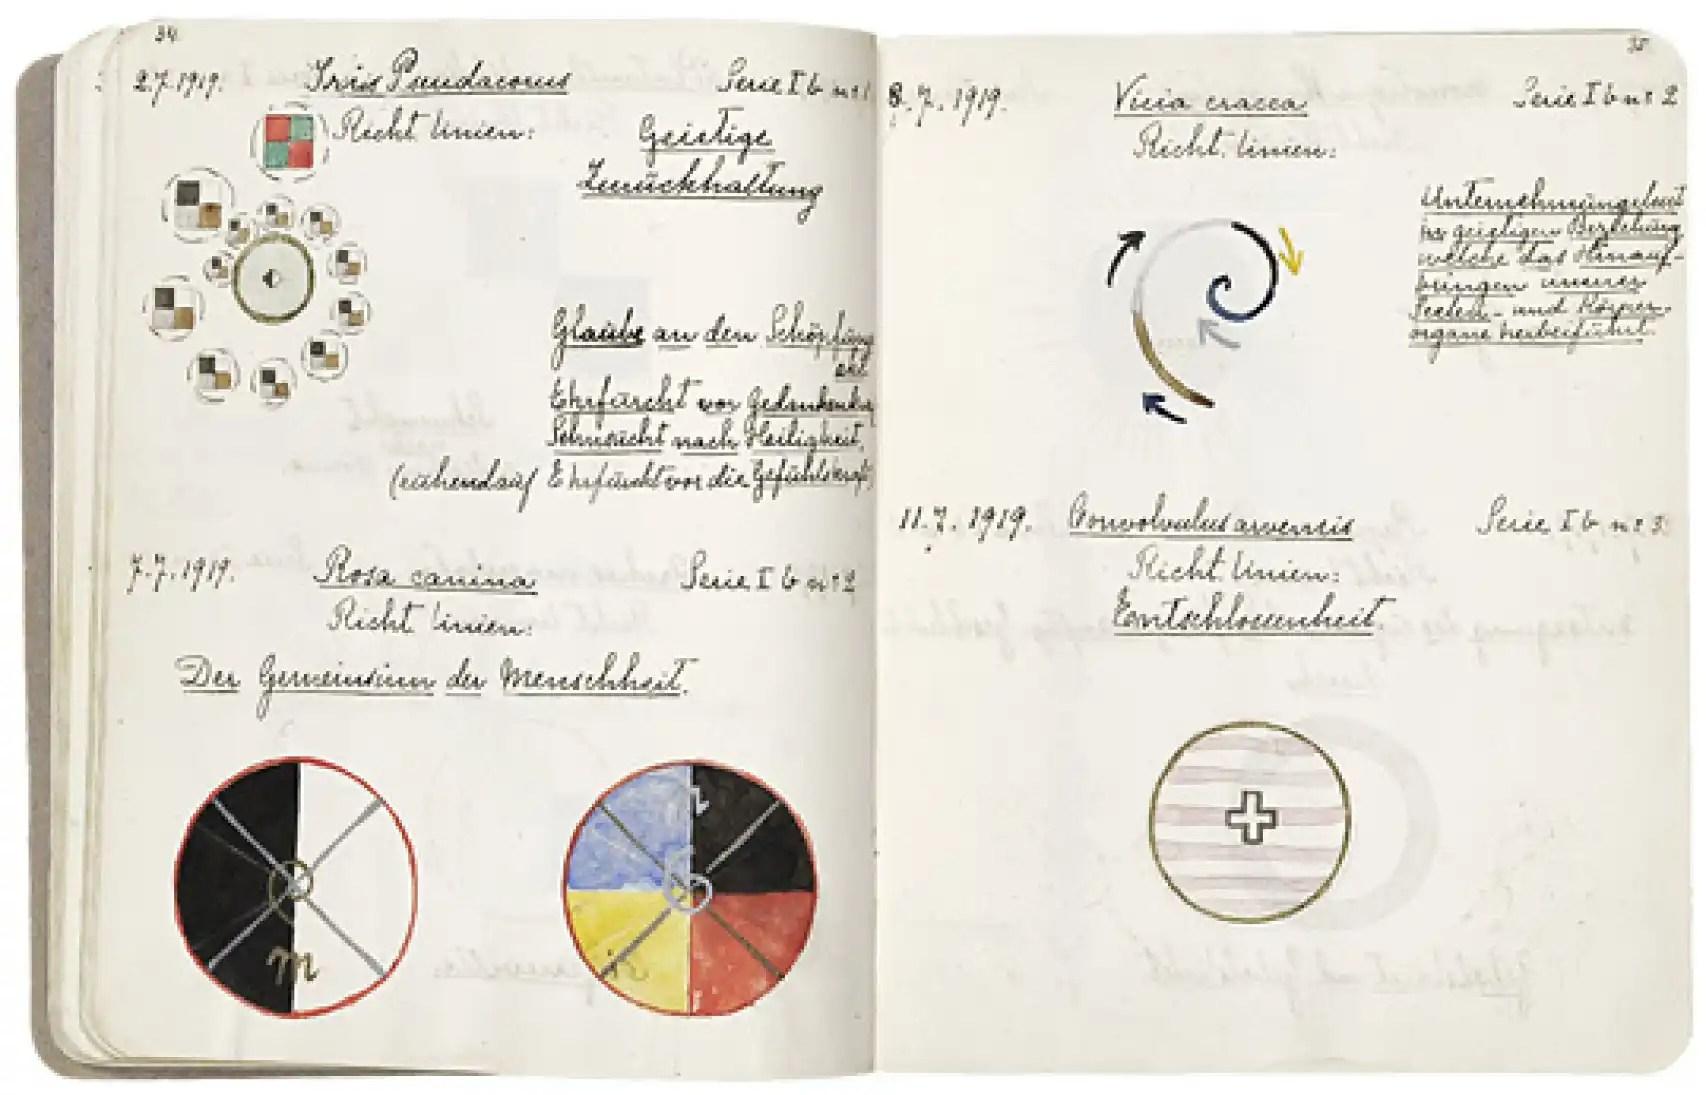 Cuaderno de trabajo de la artista Hilma Af Klint.